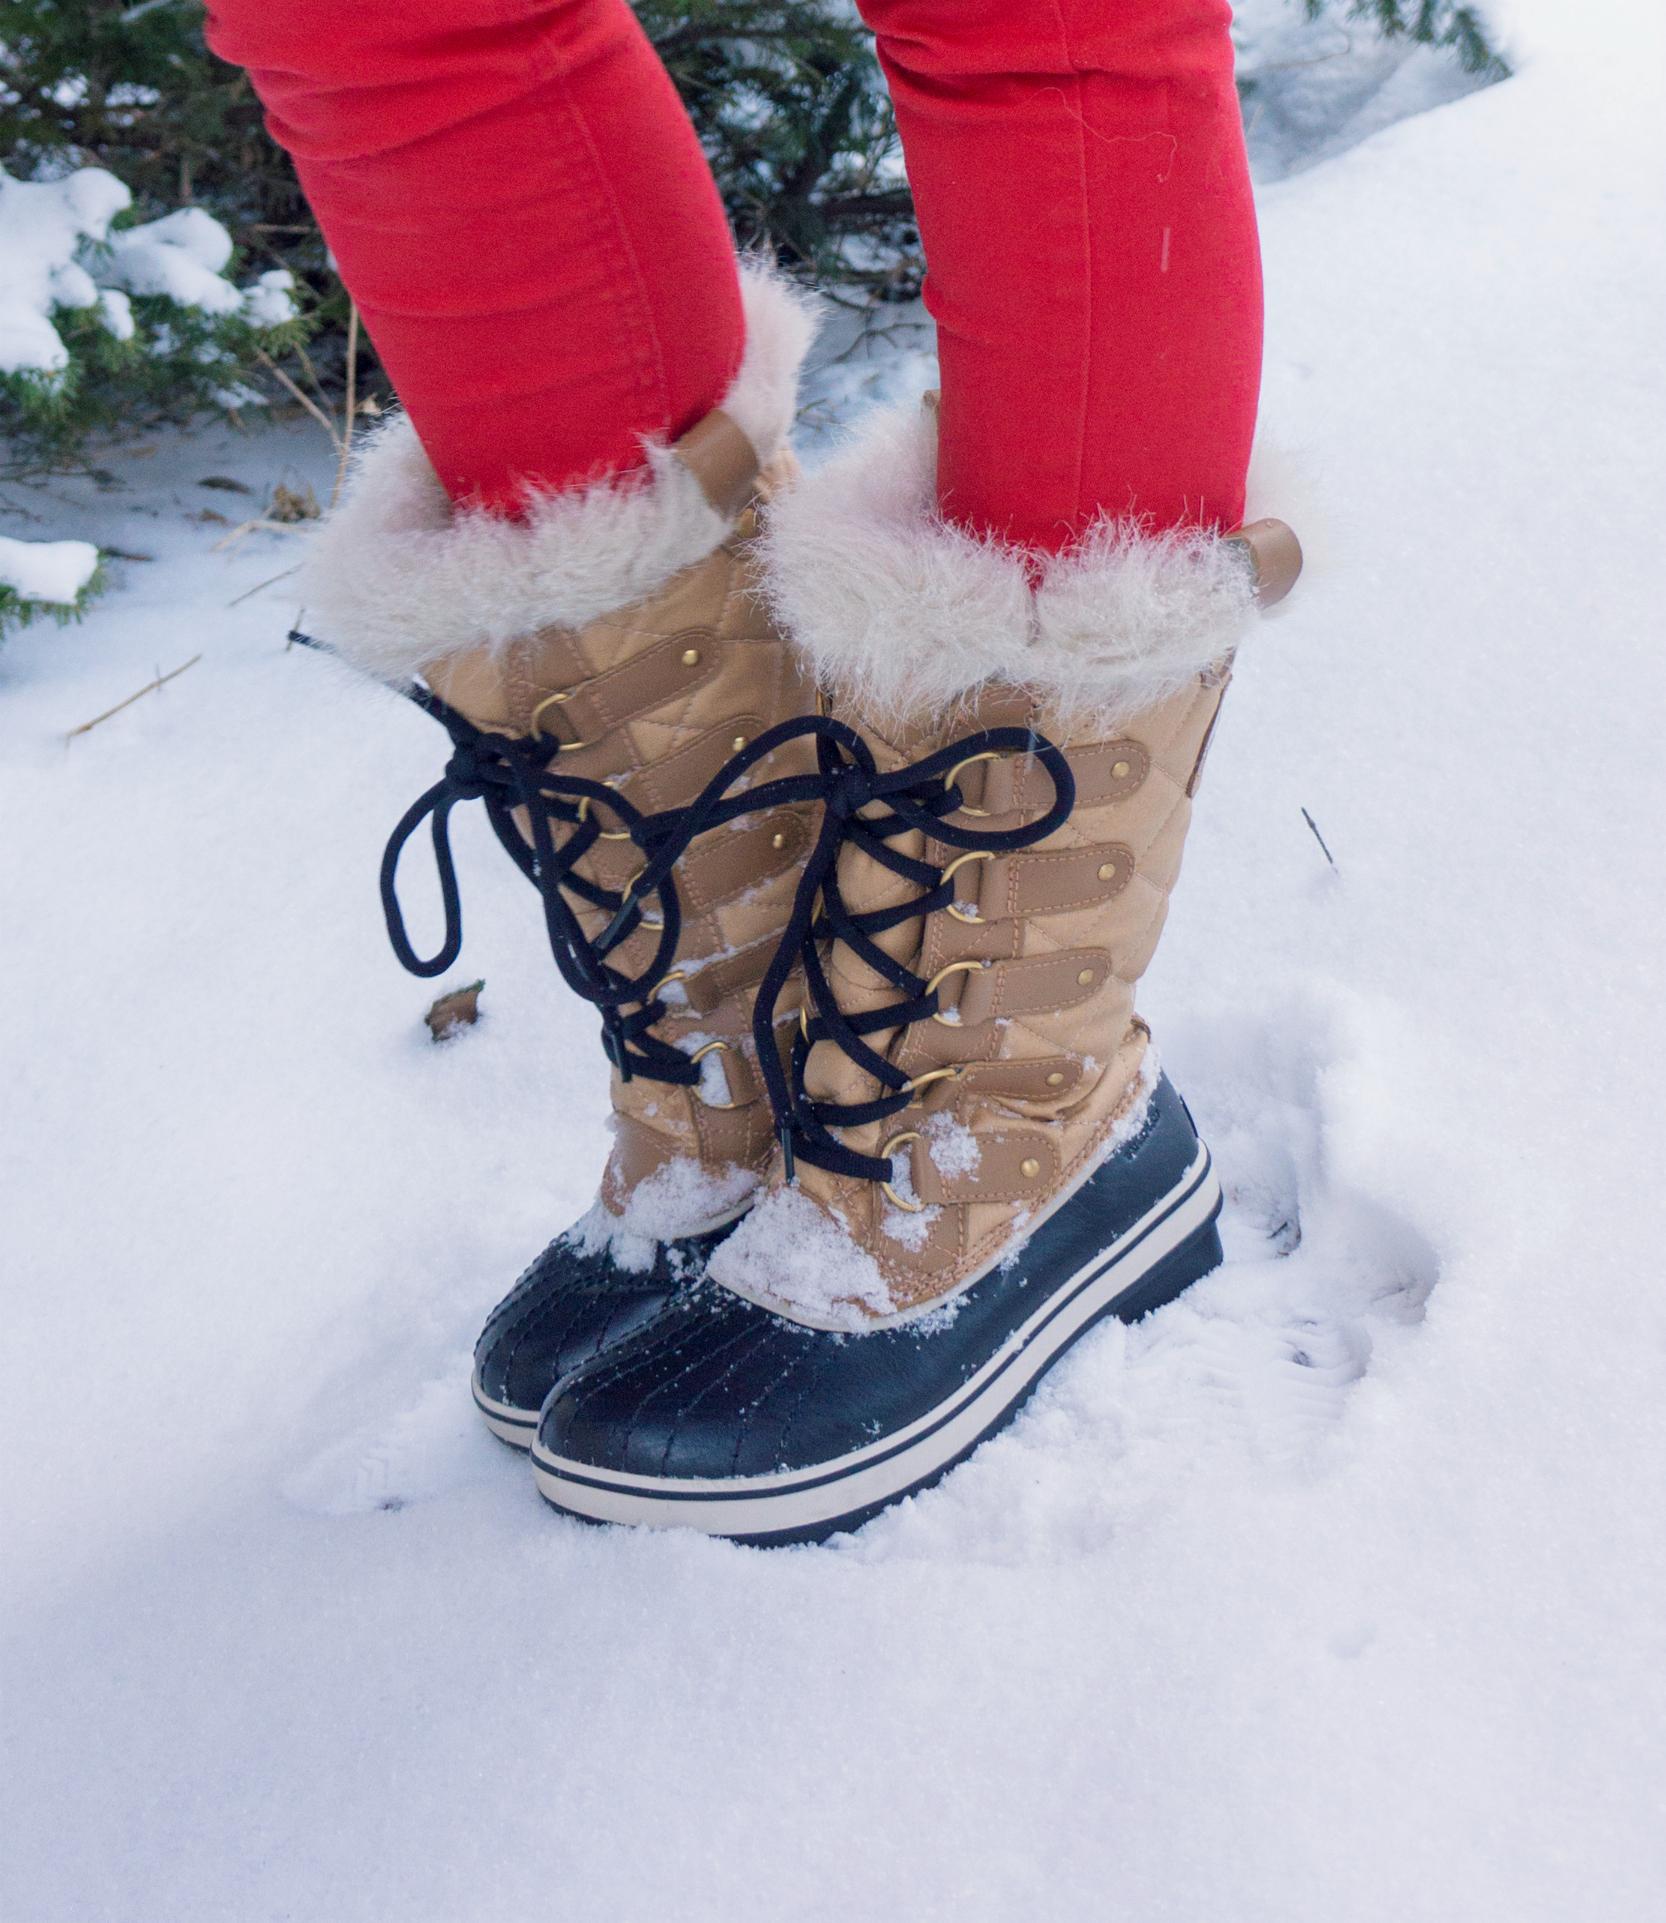 Winter fashion tofino Sorel boots